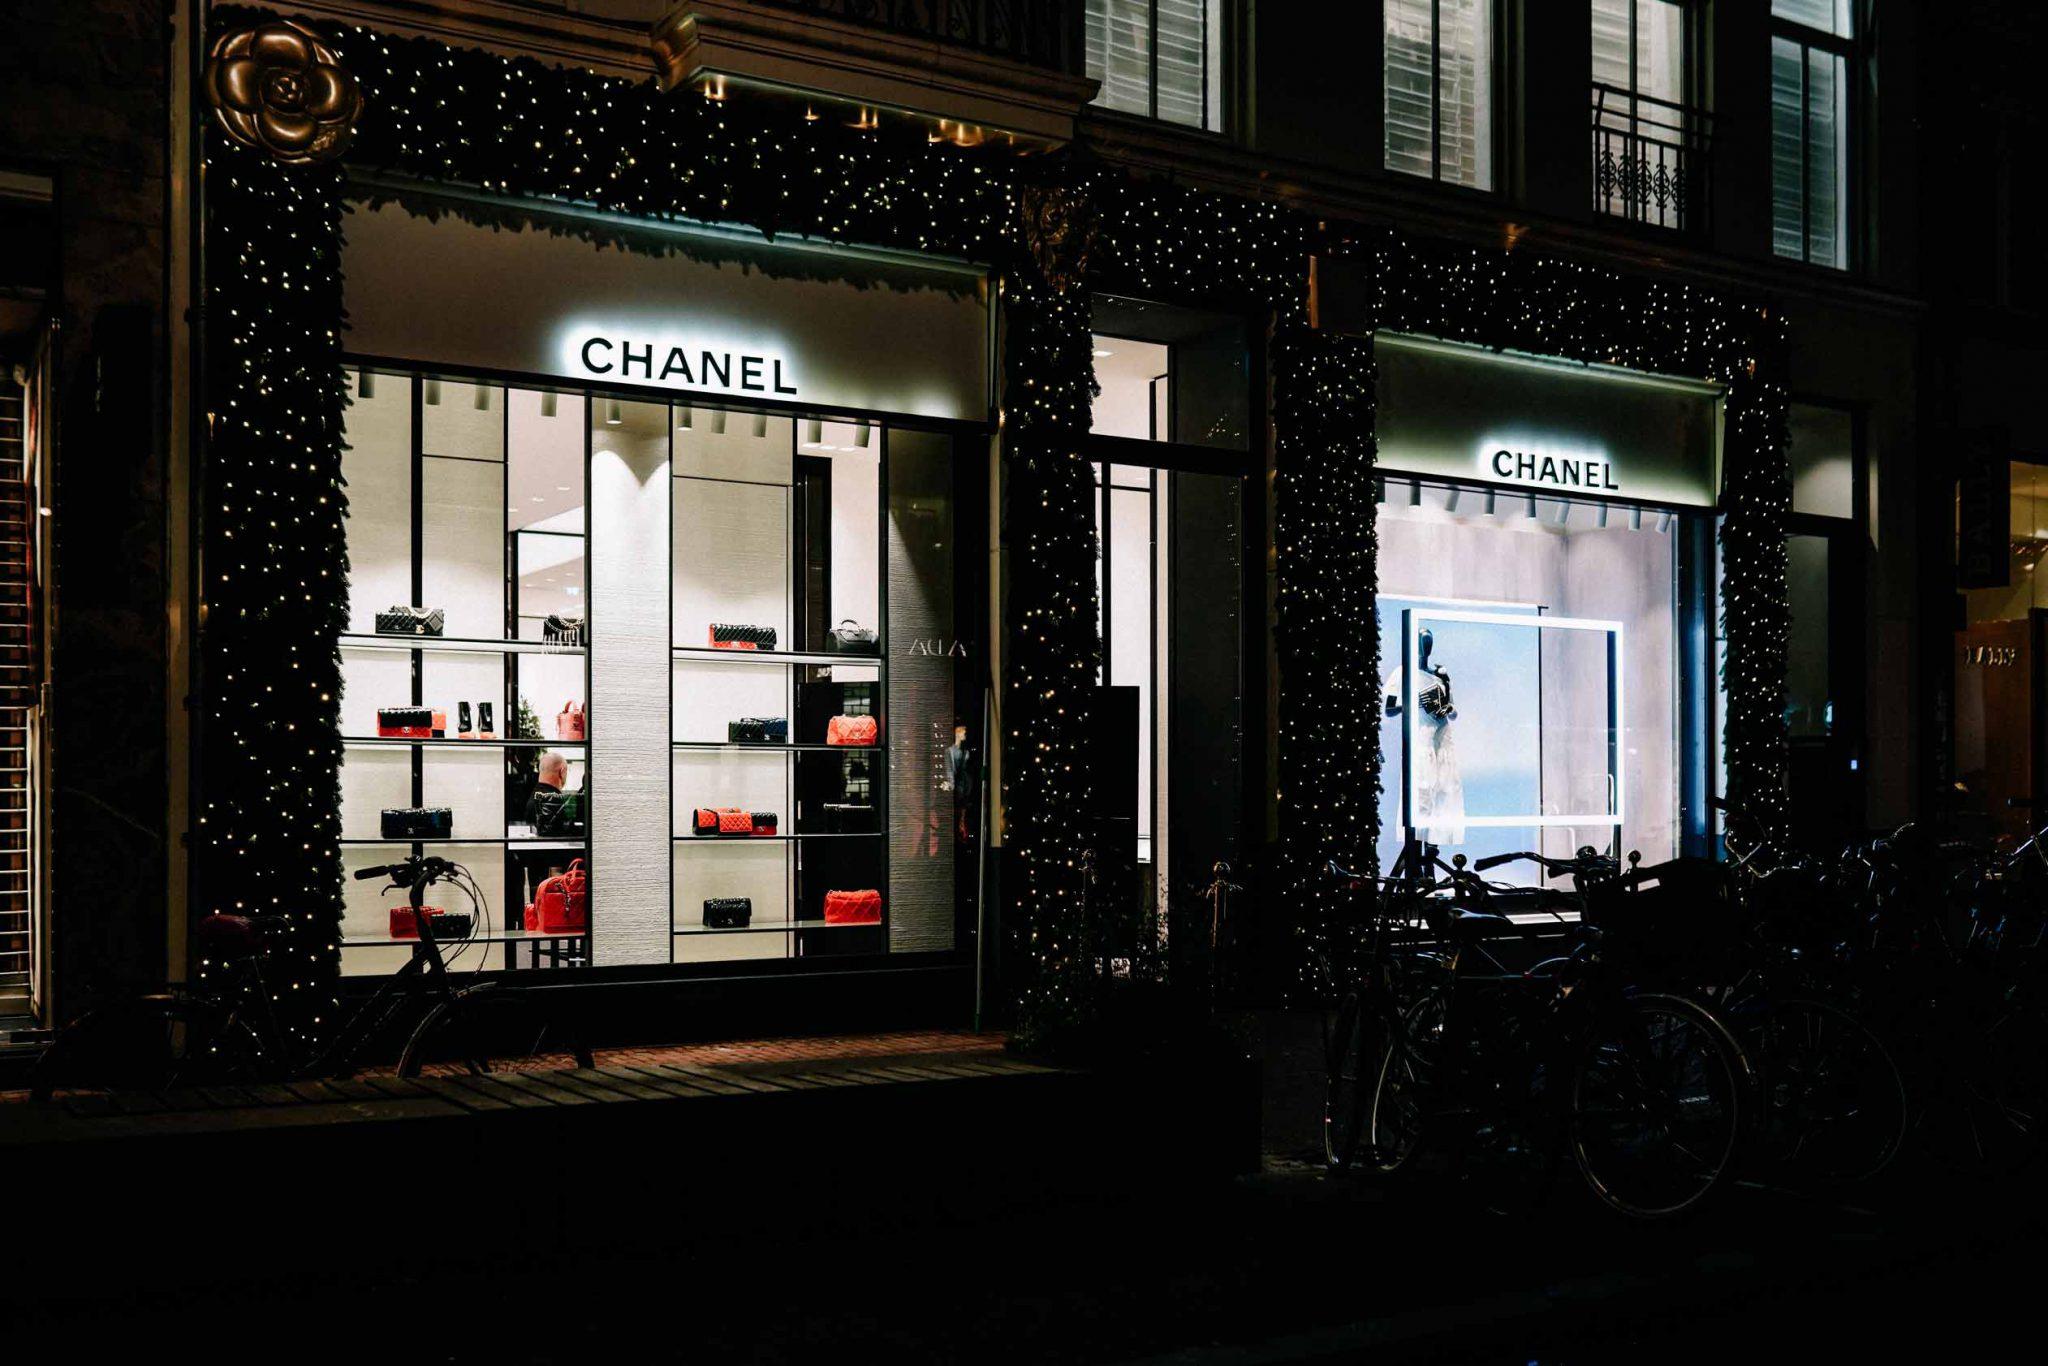 Chanel_Boutique_Cocktail_event_Ilsoo_van_Dijk_07122019-00758